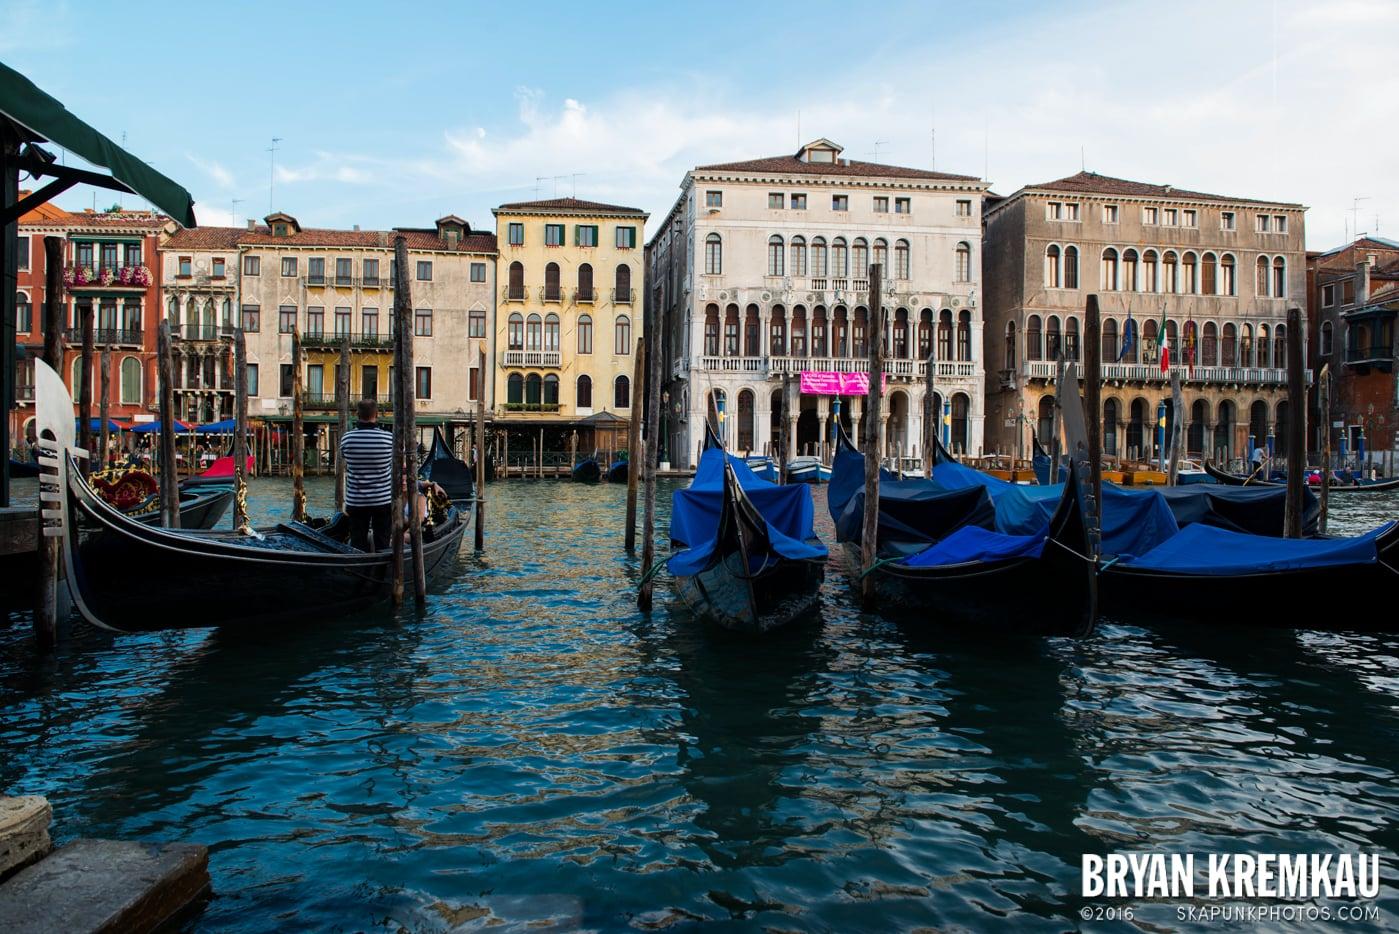 Italy Vacation - Day 6: Murano, Burano, Venice - 9.14.13 (14)